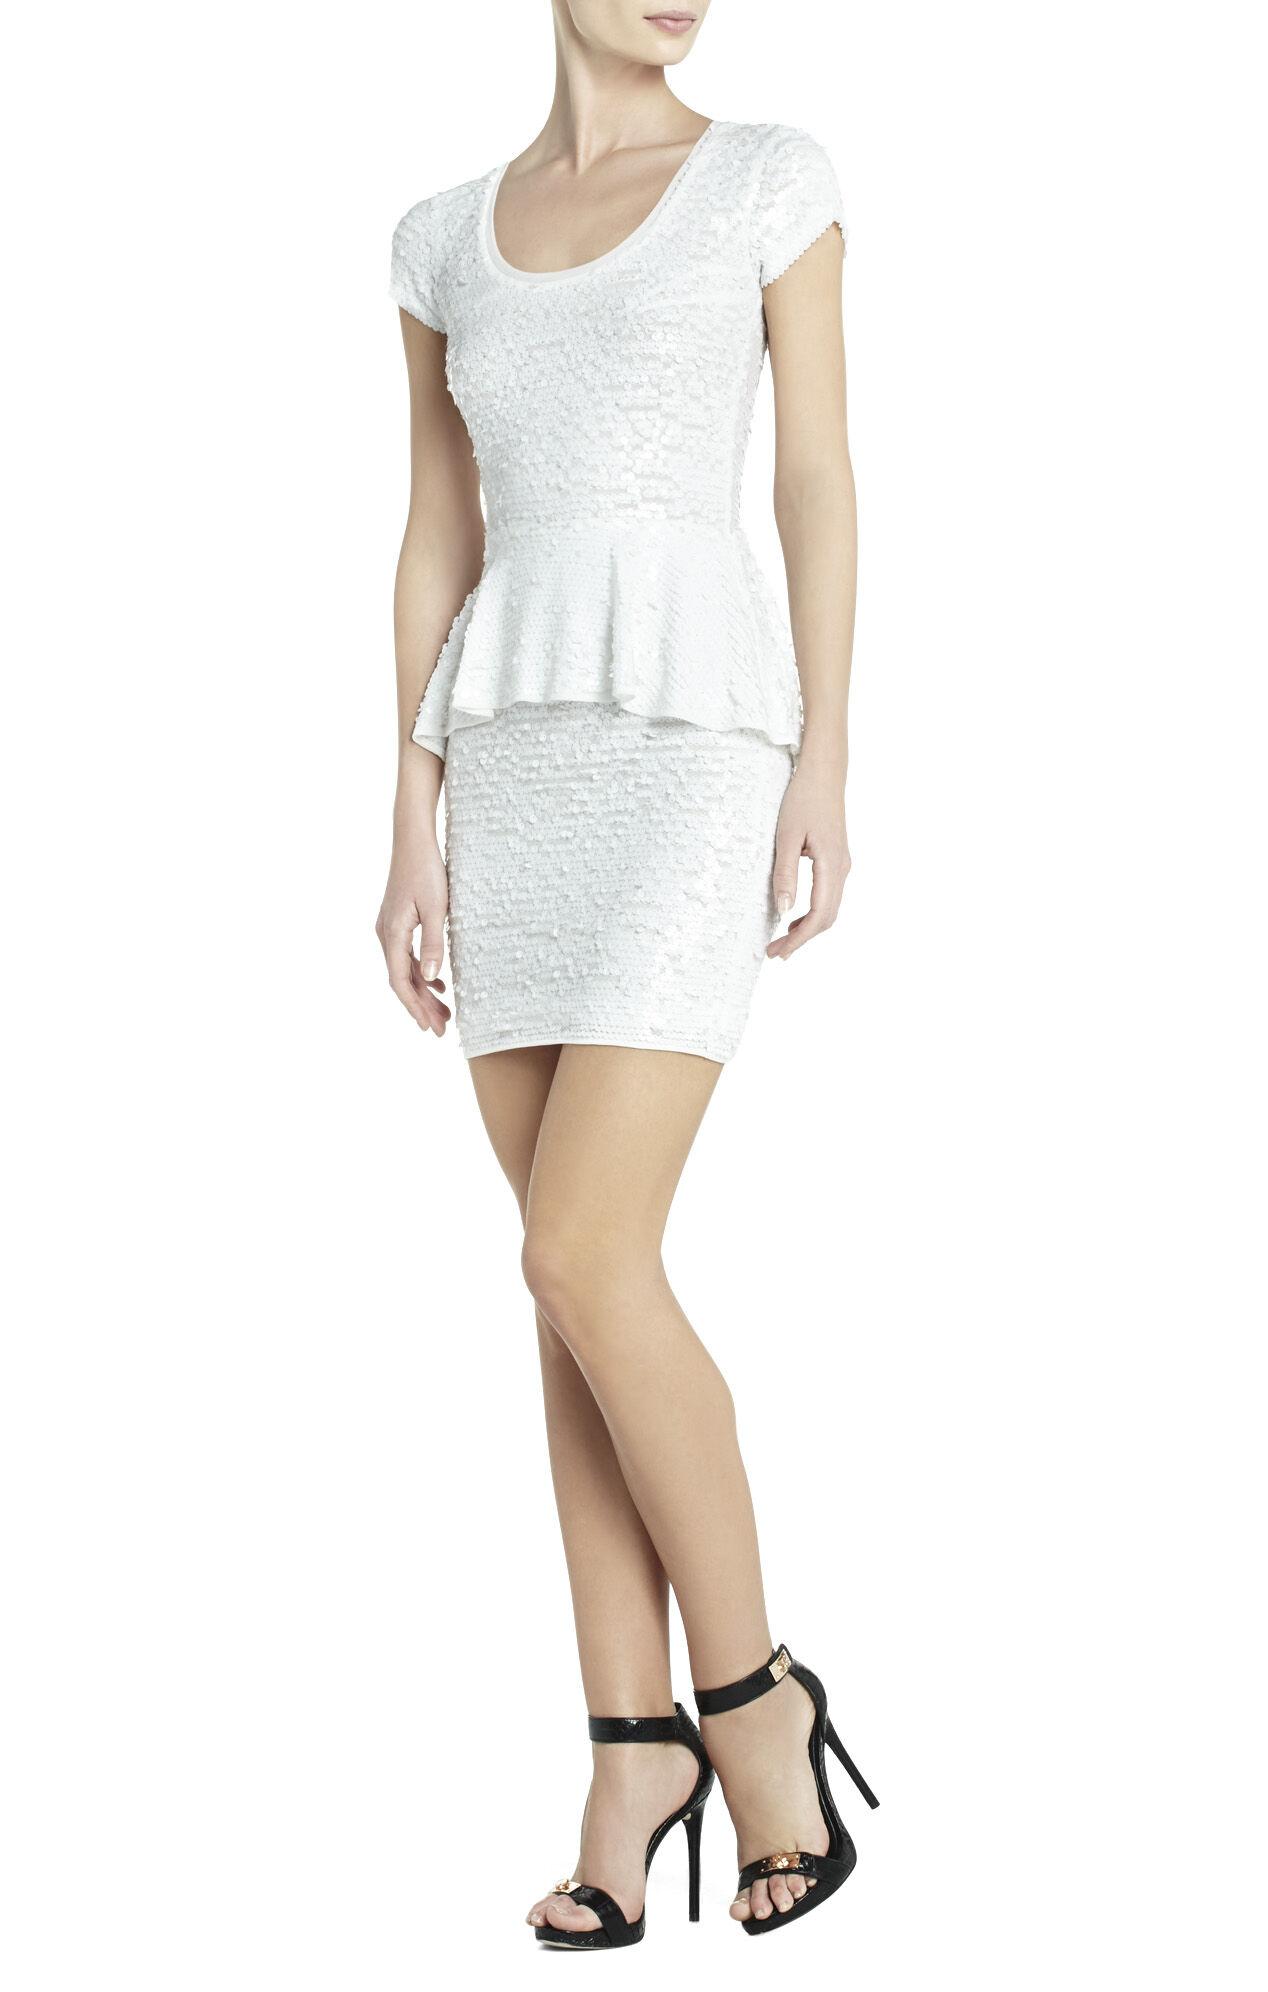 Elora Sequin Peplum Dress